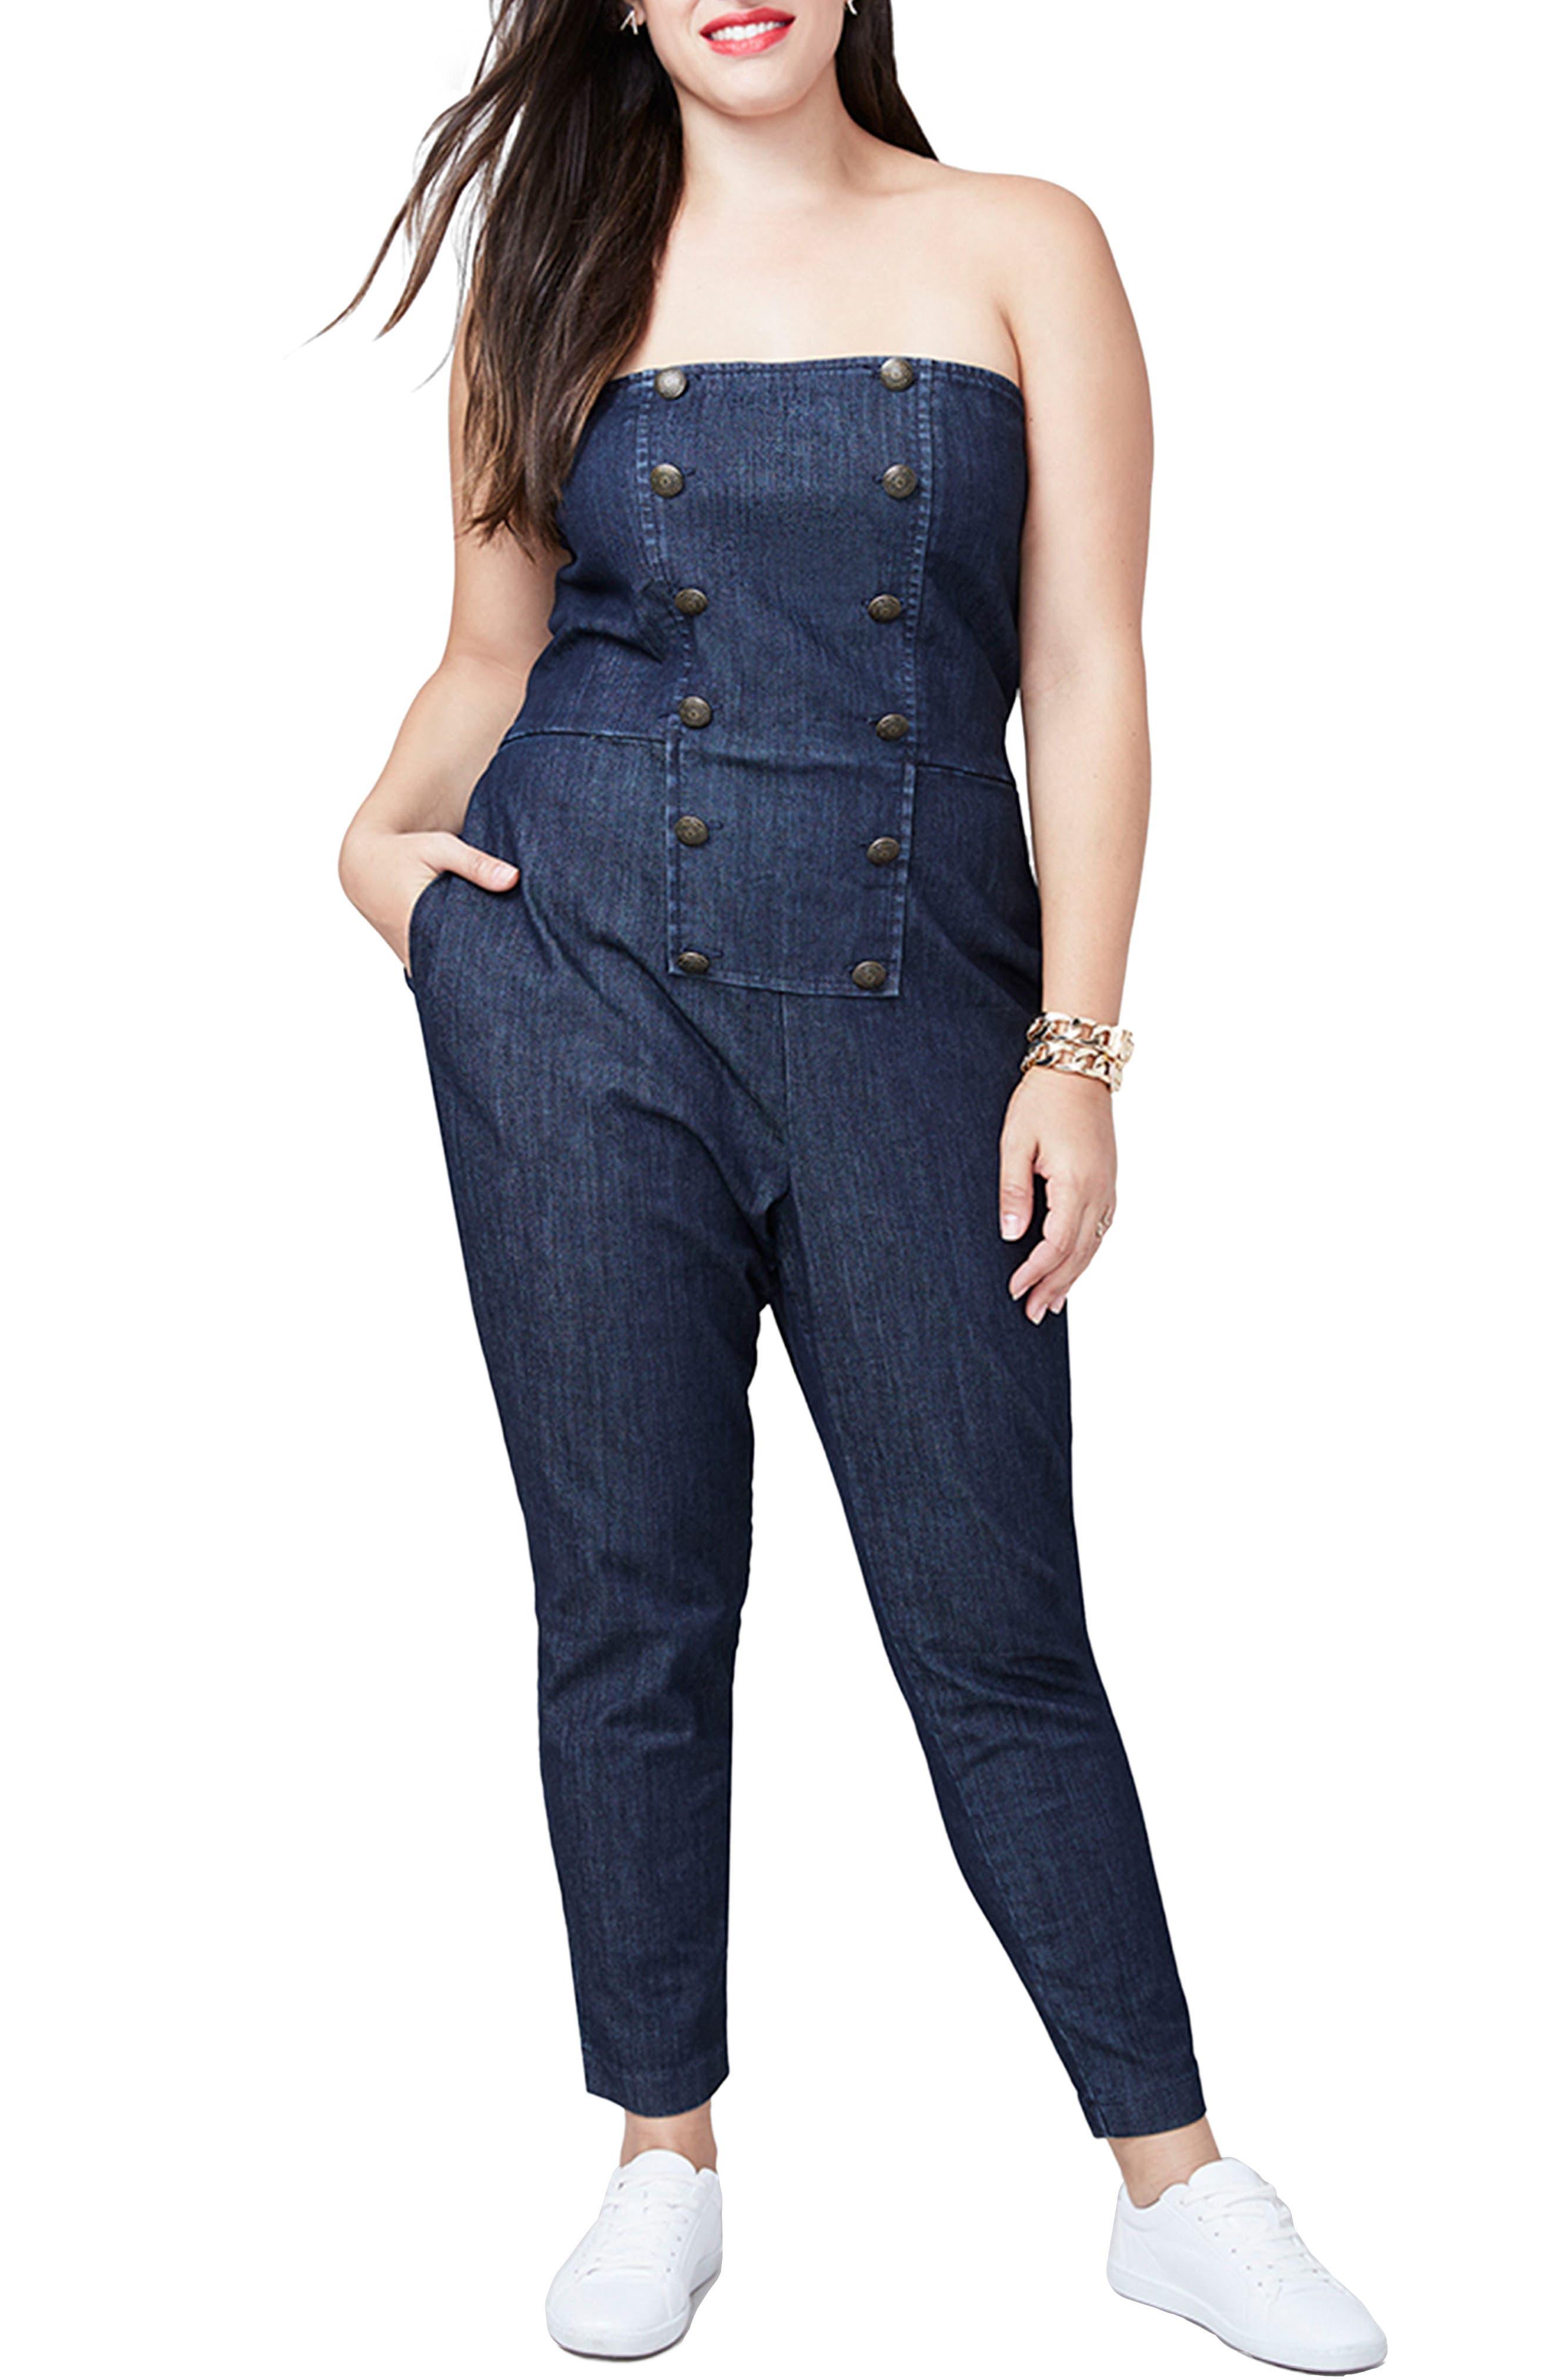 Alternate Image 1 Selected - RACHEL Rachel Roy Strapless Denim Jumpsuit (Plus Size)